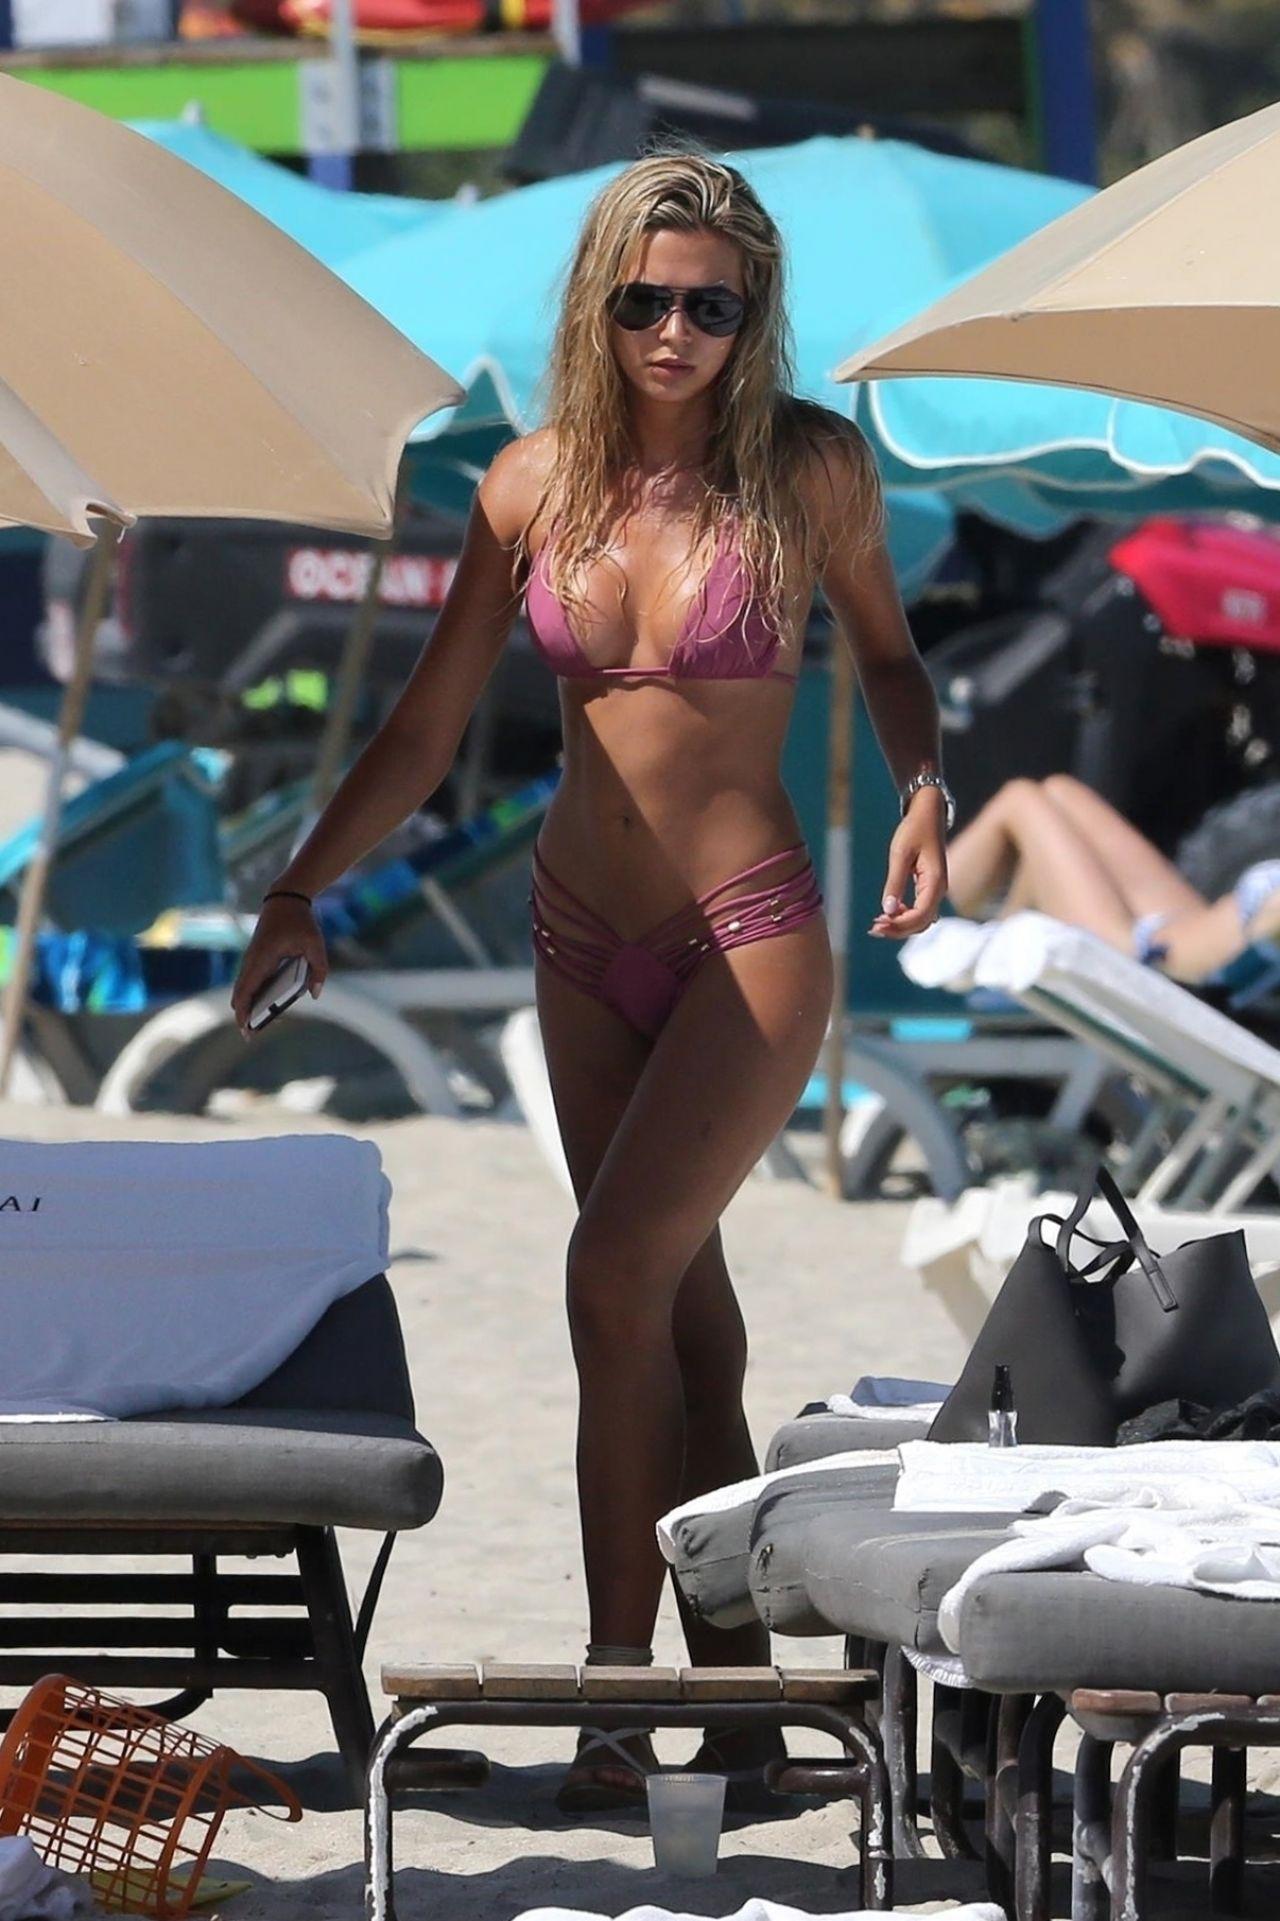 Sandra Kubicka In A Pink Bikini On The Beach In Miami 04 -8566